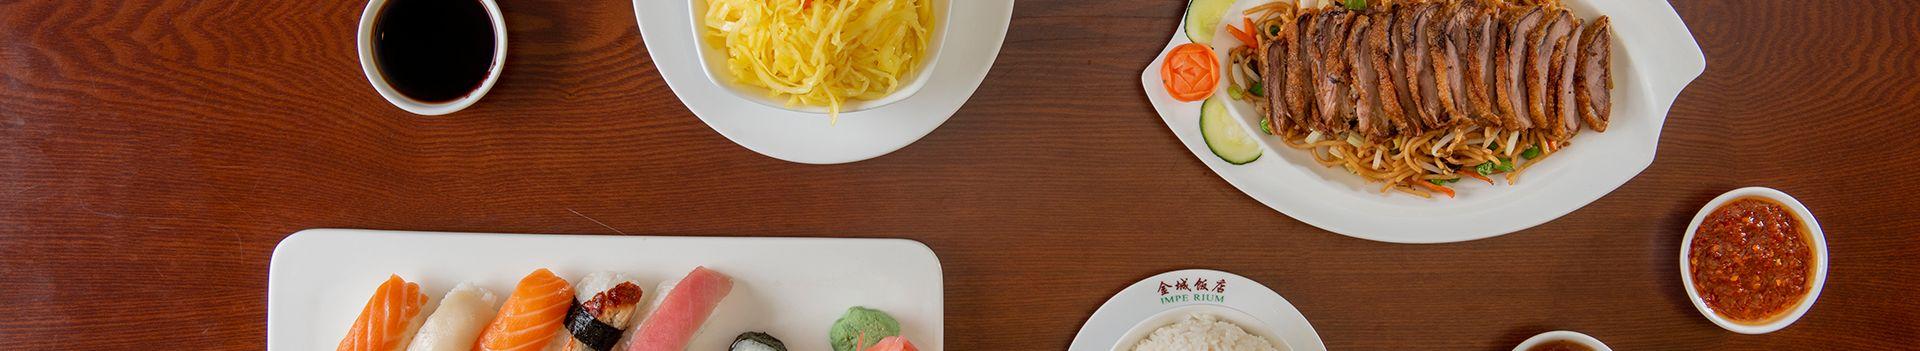 China Restaurant Imperium Lieferservice in Graz